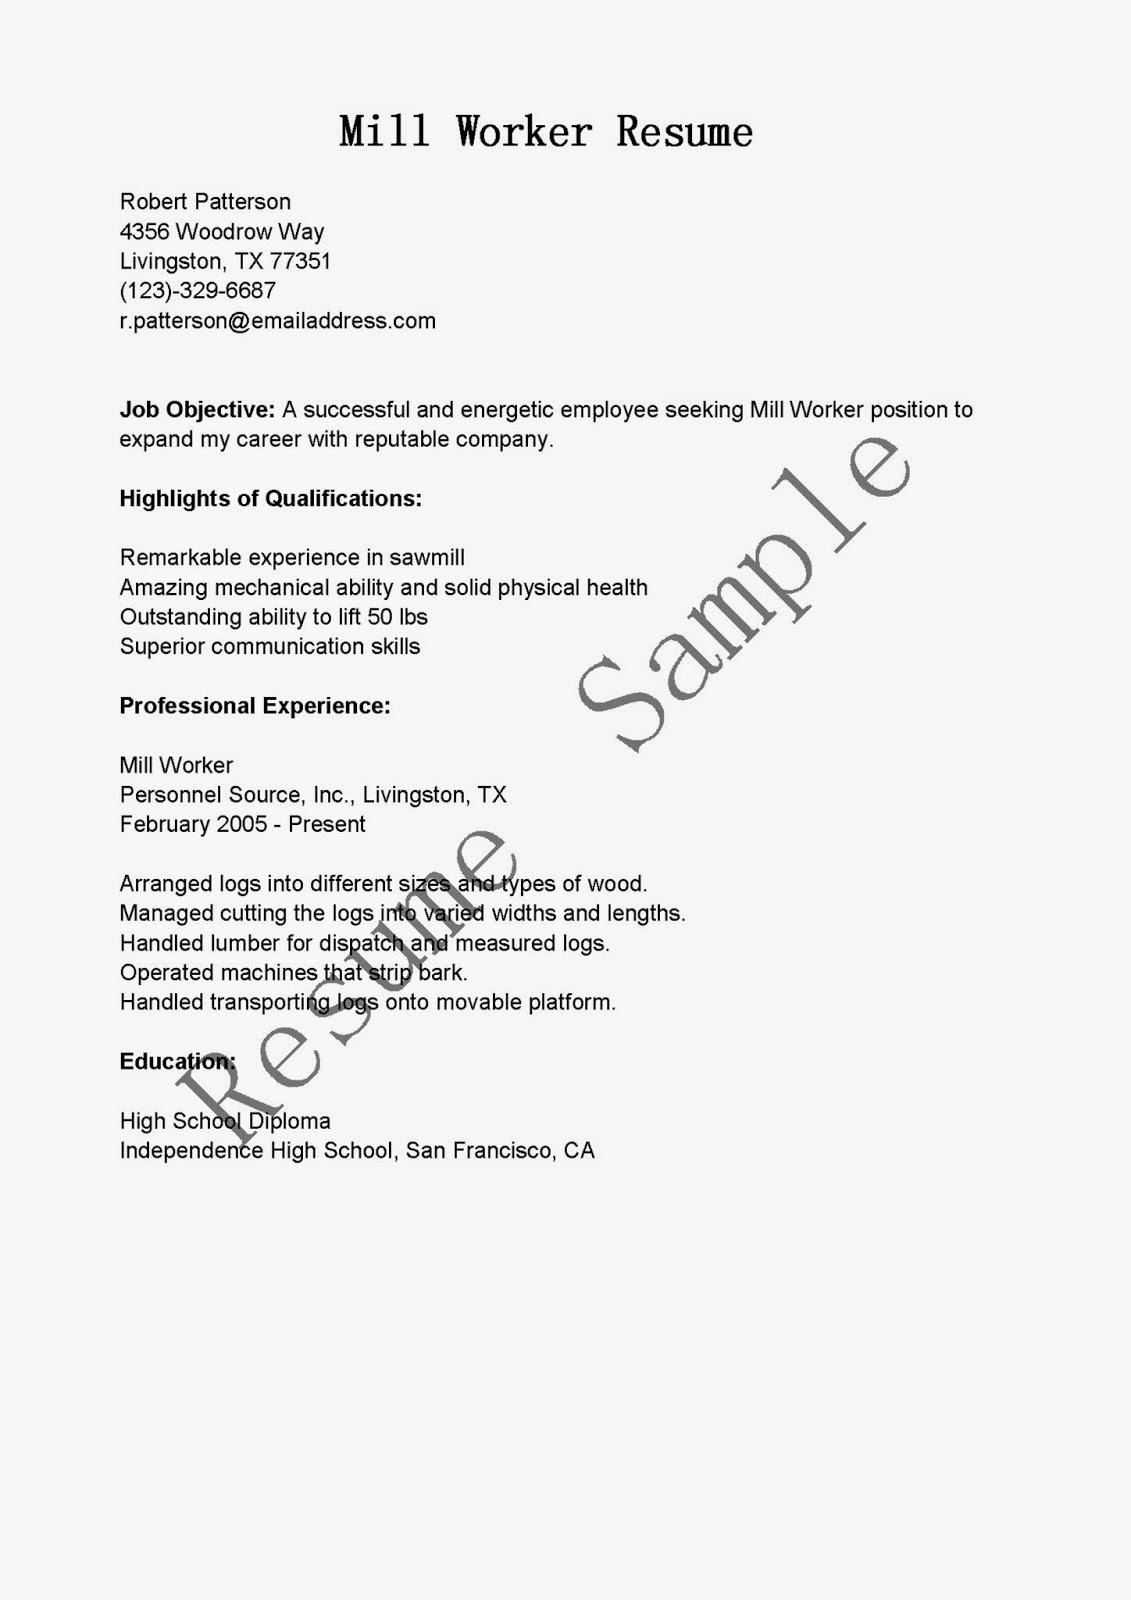 Food pantry worker resume